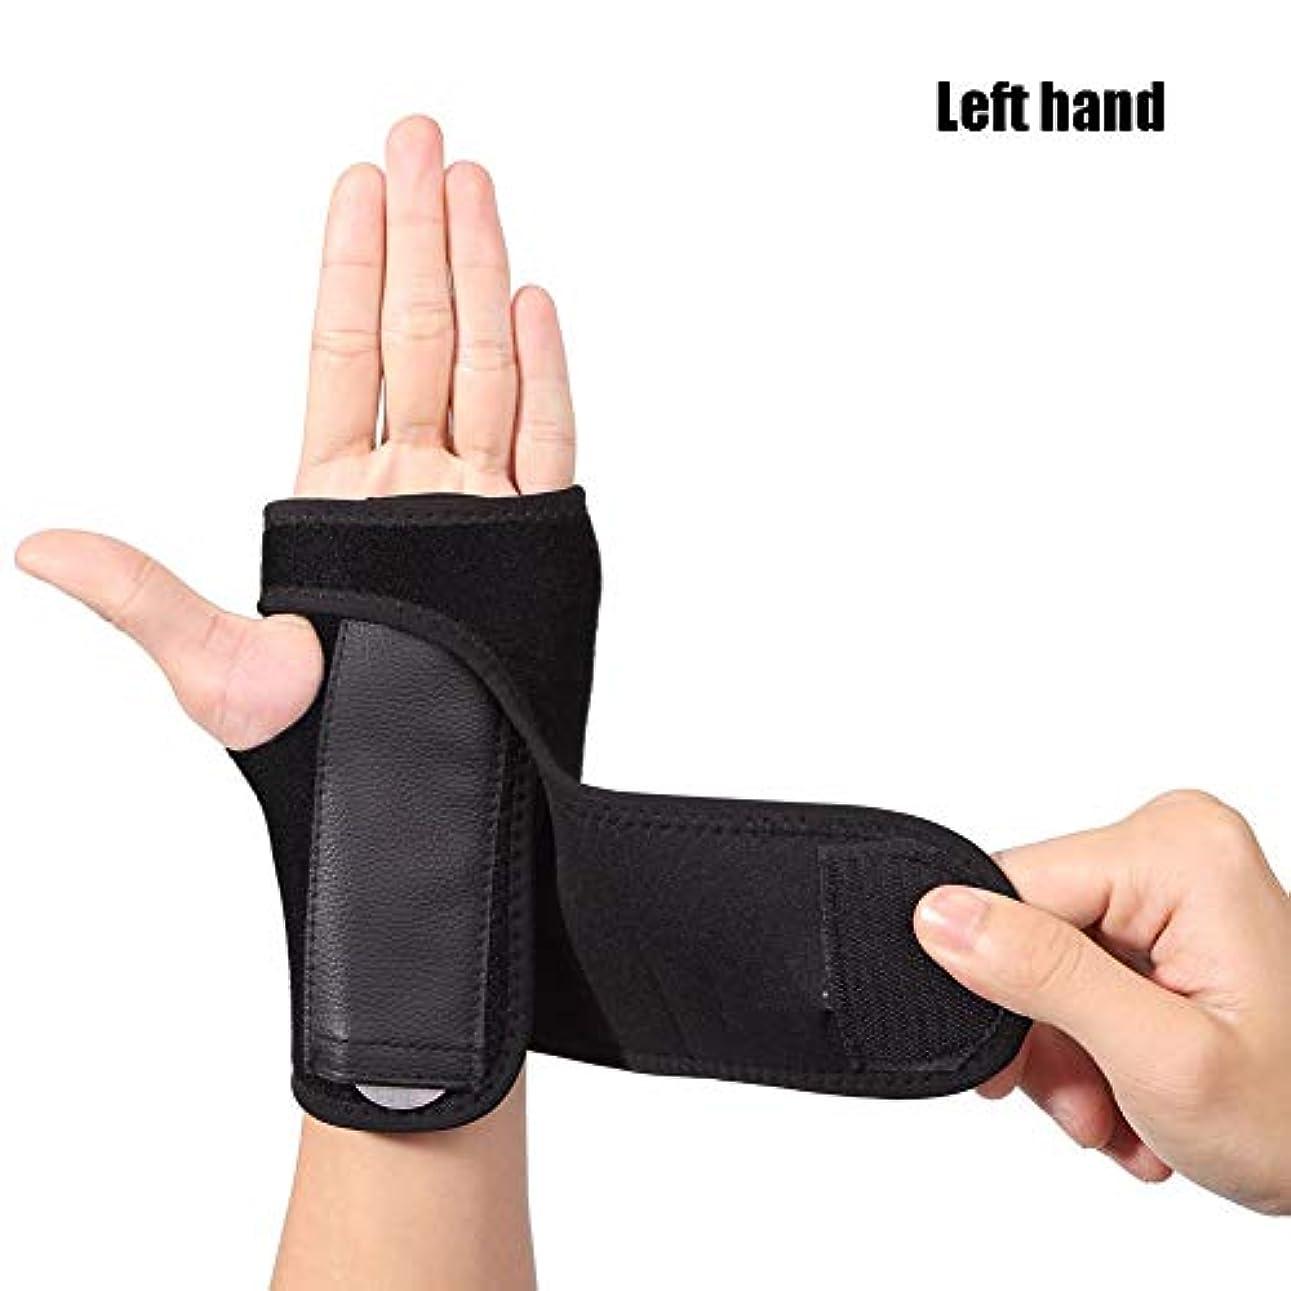 報復苛性ローブ手根管腱炎骨折関節炎の捻forのための手首のサポートスプリント,Left